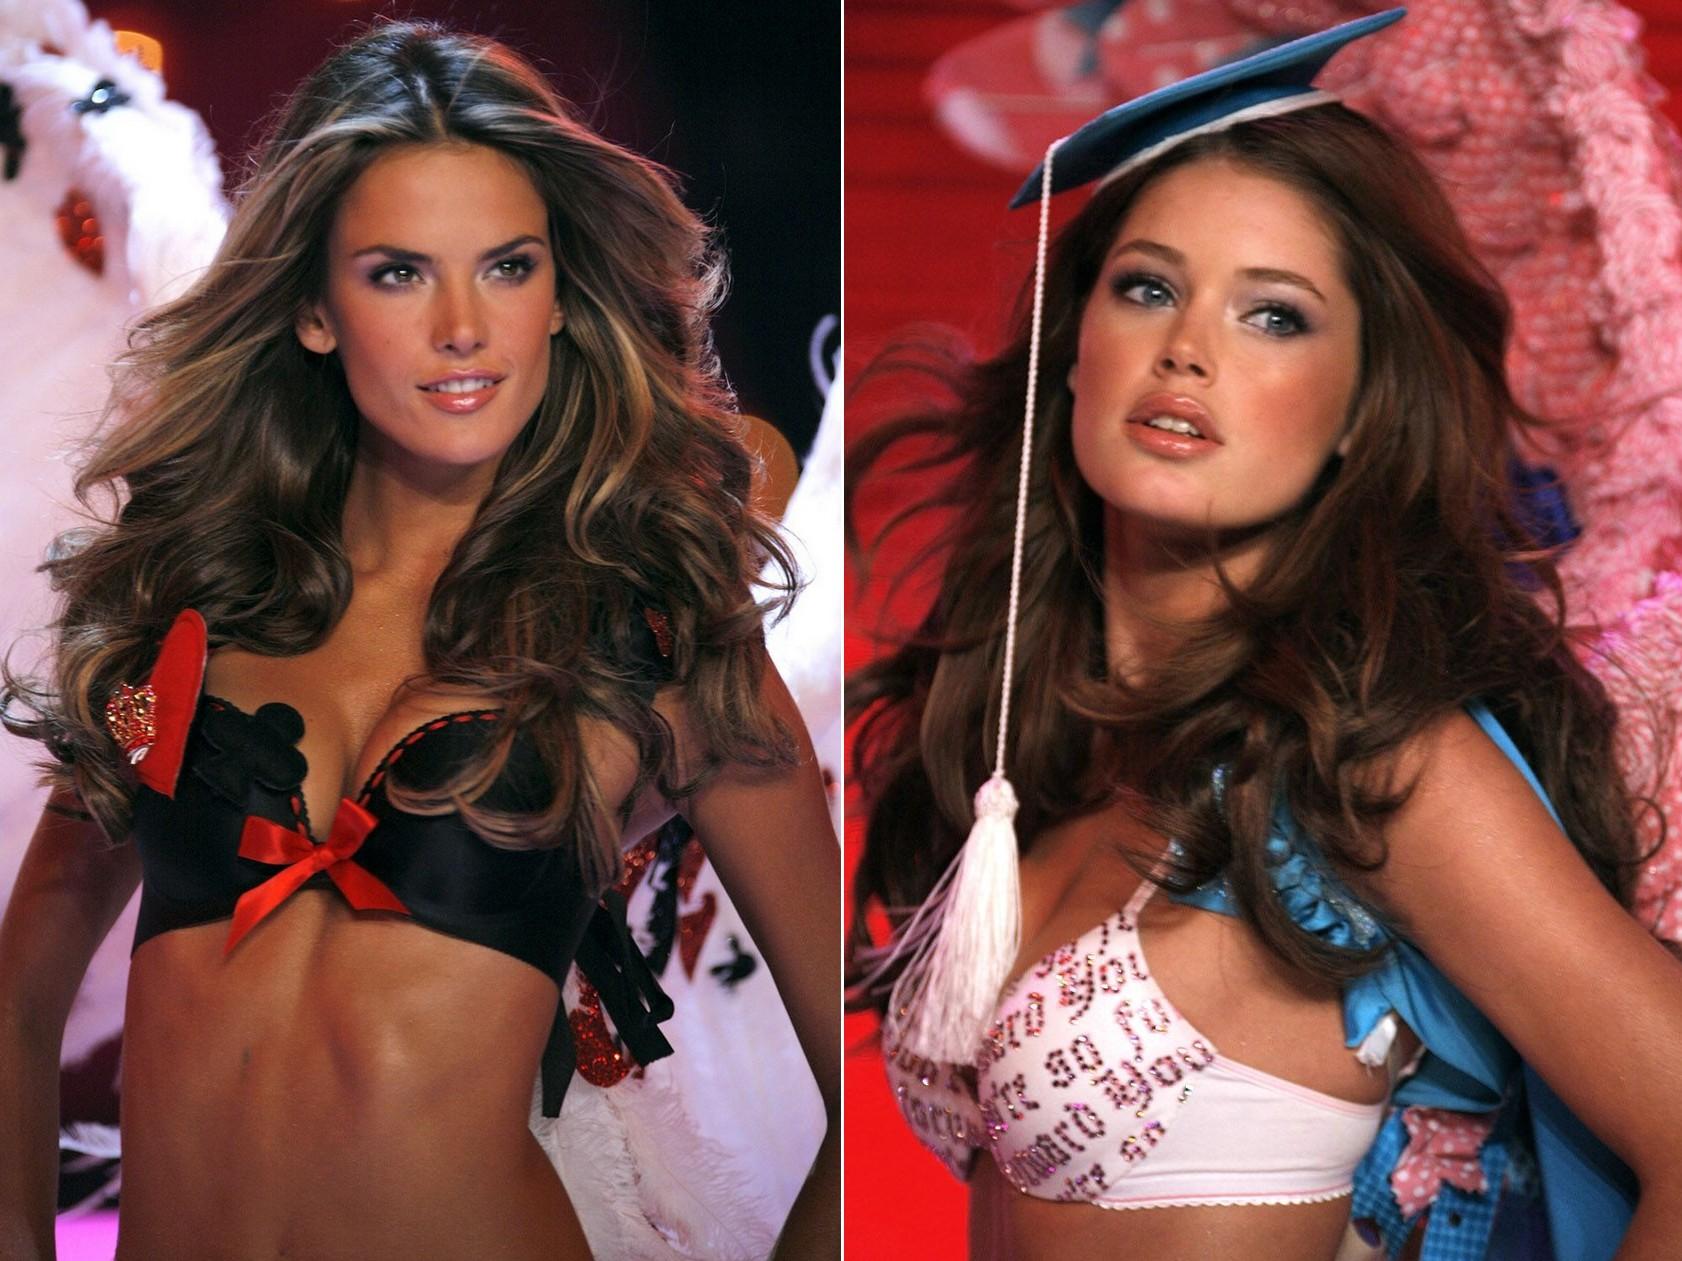 Cách makeup của thiên thần Victorias Secret 2 thập kỷ qua: luôn đơn giản, tự nhiên nhưng sexy đến tột cùng - Ảnh 9.